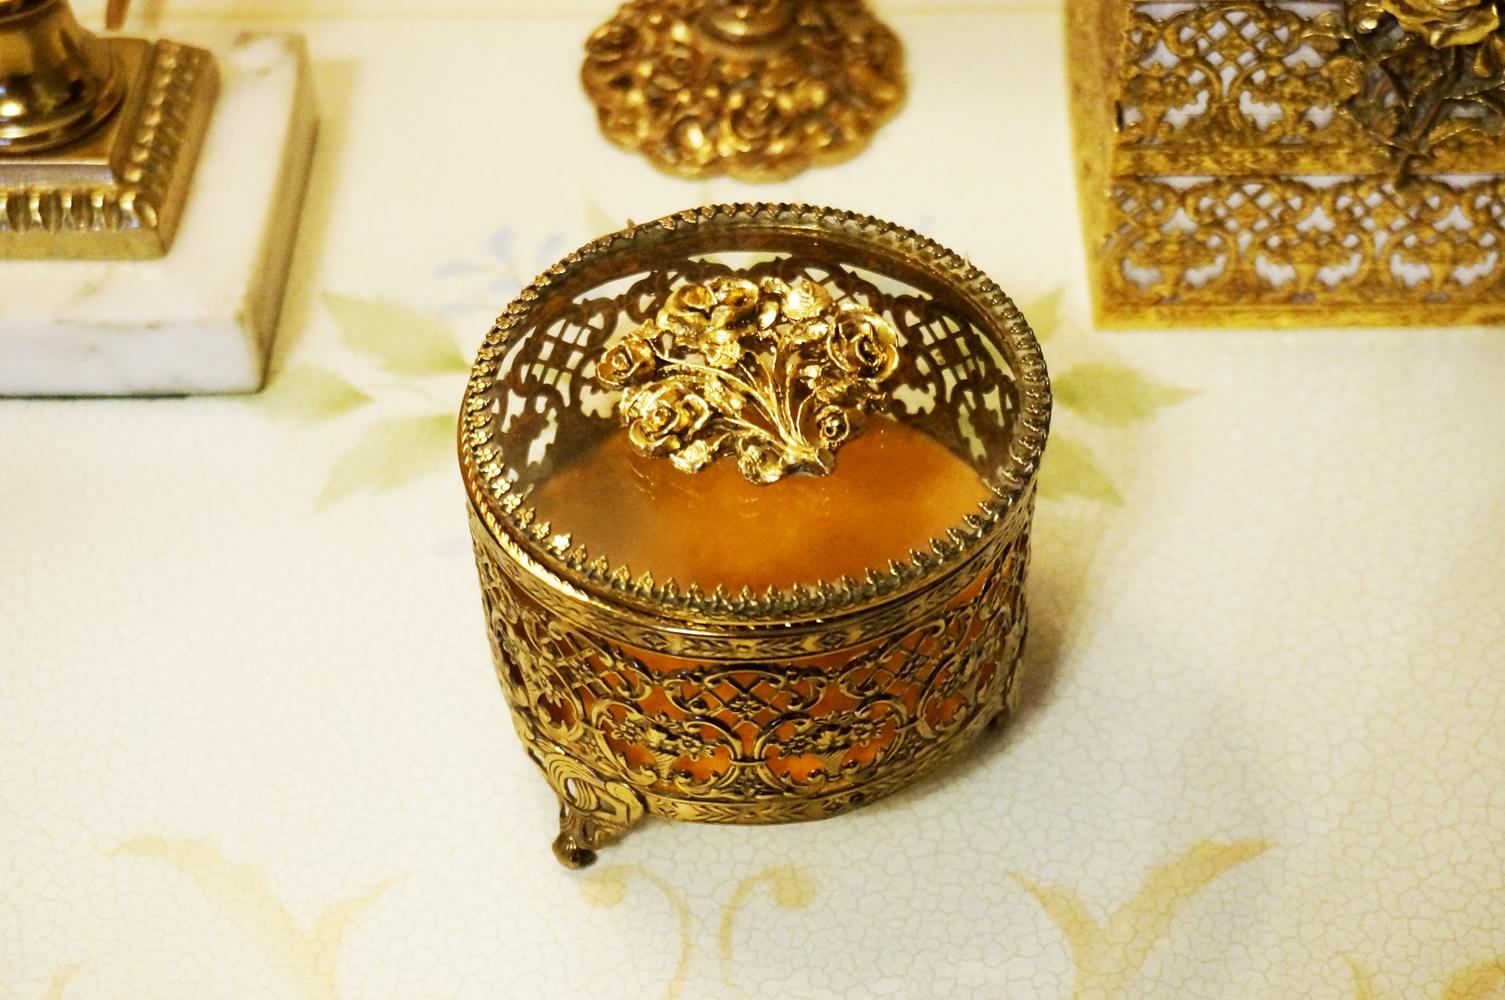 Sold: マトソン製 ゴールド ローズブーケ ジュエリーボックス